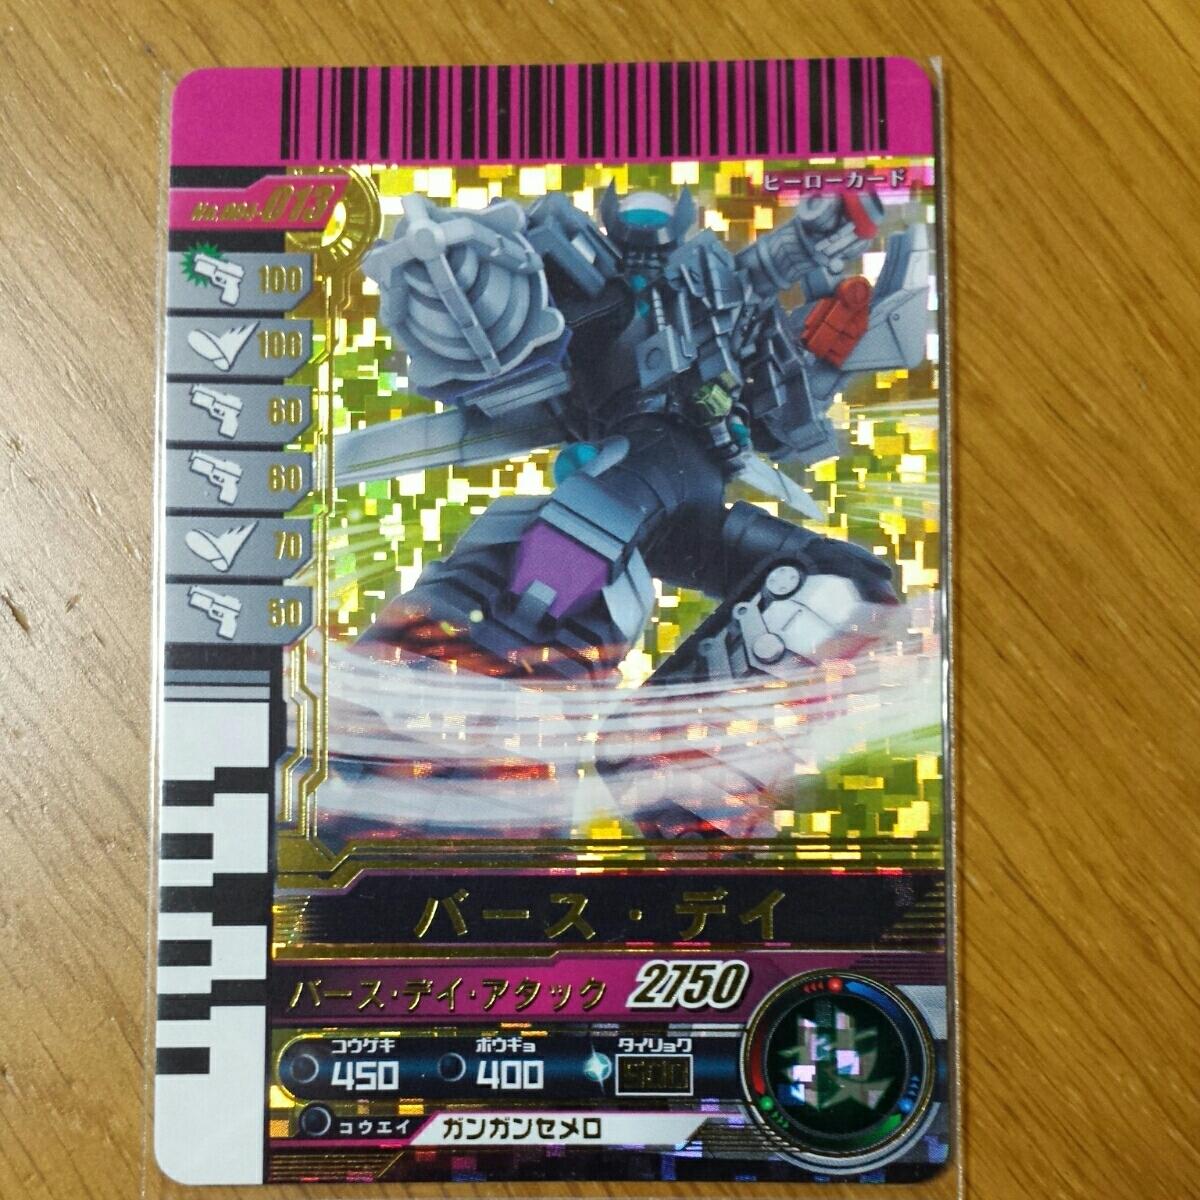 仮面ライダーバトル ガンバライド 004-013 バース・デイ レジェンドレア LR